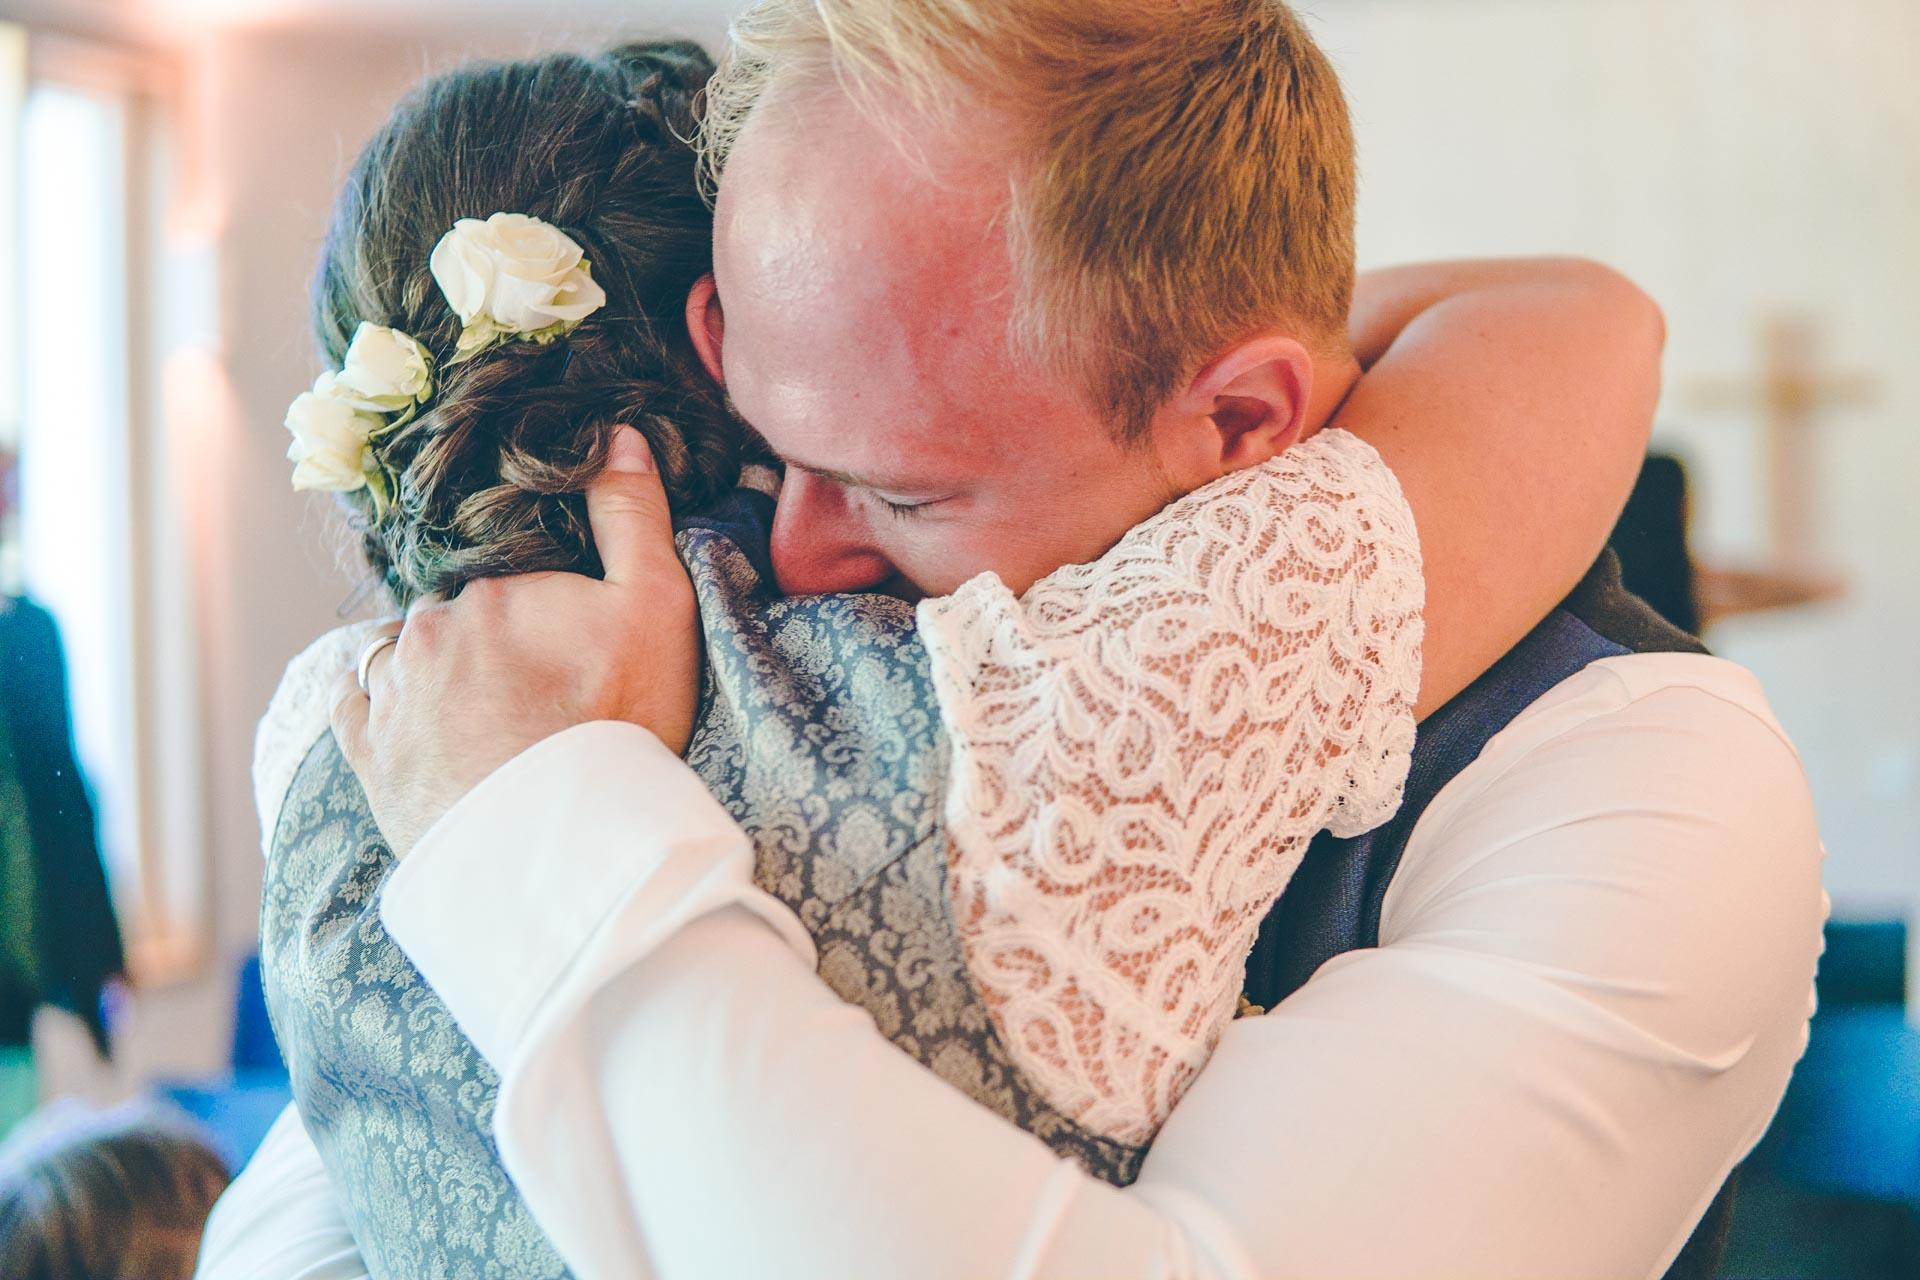 Die BRaut und der Bräutigam umarmen sich nach der Trauung